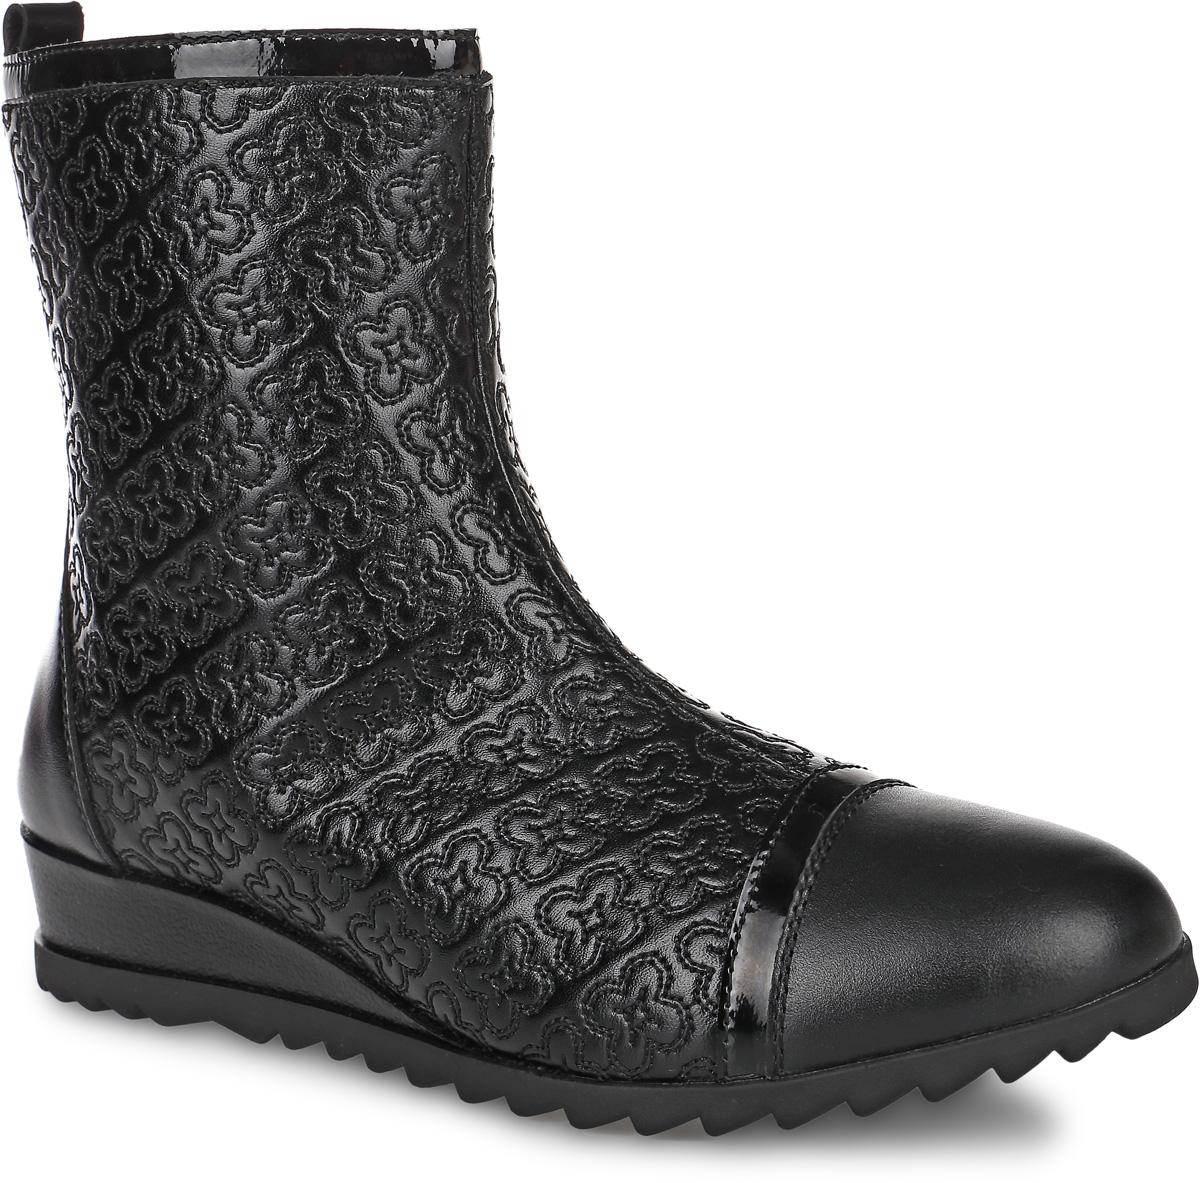 Полусапоги для девочки Kapika, цвет: черный. 64137шк-1. Размер 3764137шк-1Полусапоги от Kapika придутся по душе вашей девочке. Модель выполнена из натуральной кожи, оформленной узорной прострочкой, мыс декорирован лаковой полоской. Изделие на застежке-молнии, что позволит отлично зафиксировать обувь на ноге и облегчит процесс надевания.Подкладка и стелька изготовлены из натуральной шерсти, что позволяет сохранить тепло и гарантирует уют ногам. Подошва с рифлением обеспечивает идеальное сцепление с любыми поверхностями. Такие чудесные полусапоги займут достойное место в гардеробе вашего ребенка.